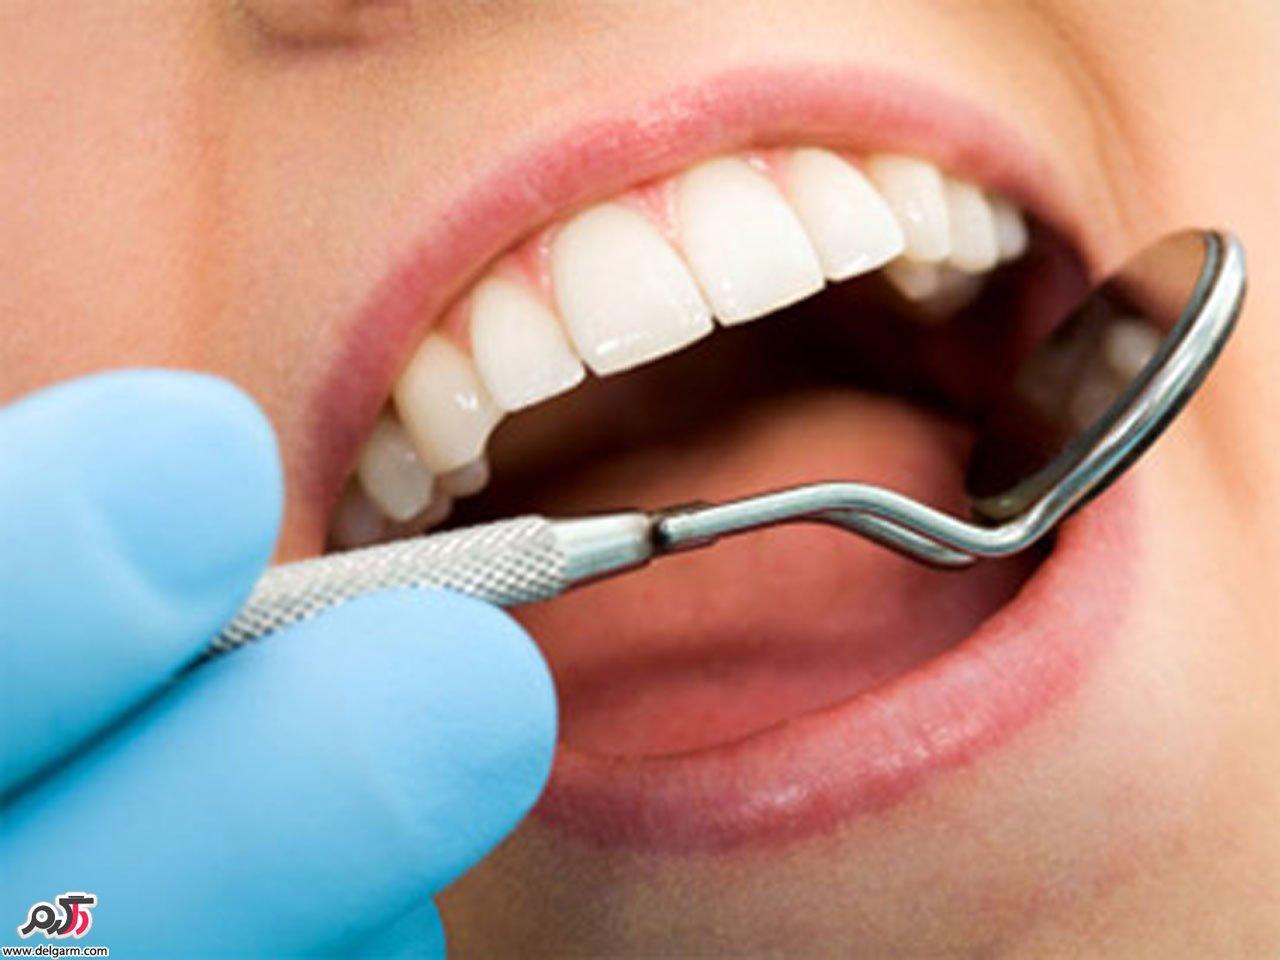 واکسن ضد پوسیدگی دندان و فواید این واکسن برای سلامت دندان ها